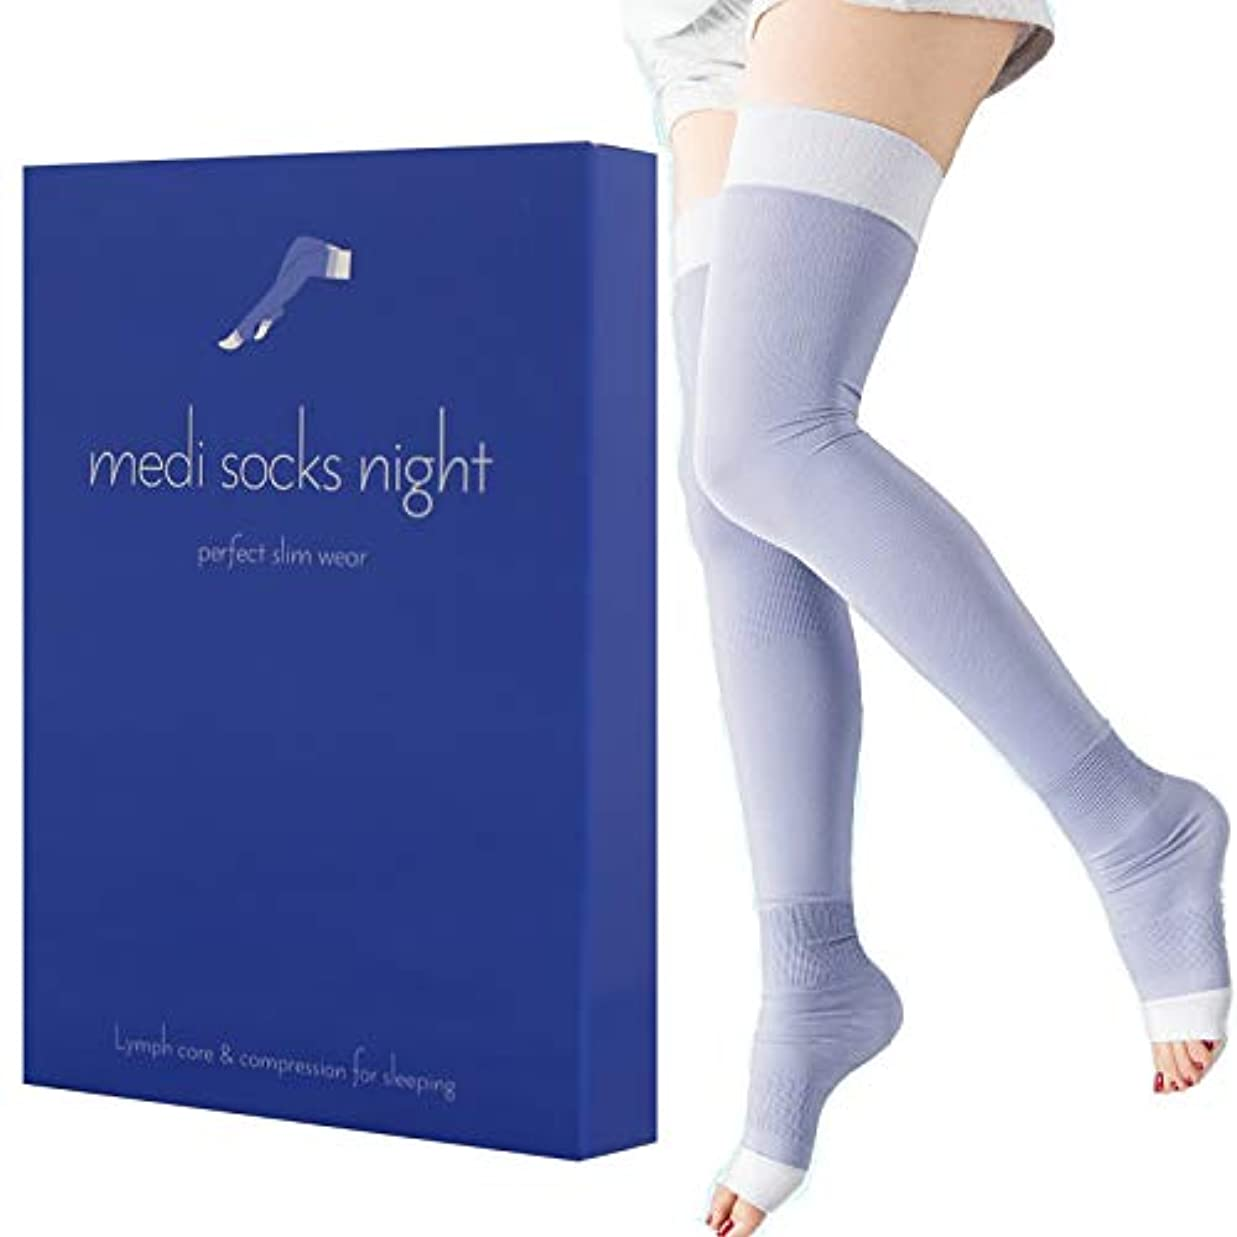 プロフィール未満修士号メディソックスナイト ~medi socks night~ Mサイズ